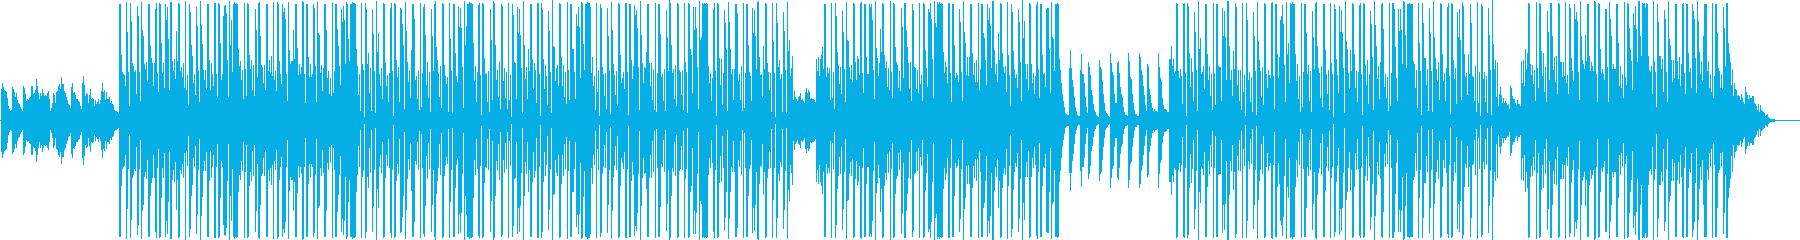 ローファイ、トラップ、チルアウトR&B♪の再生済みの波形